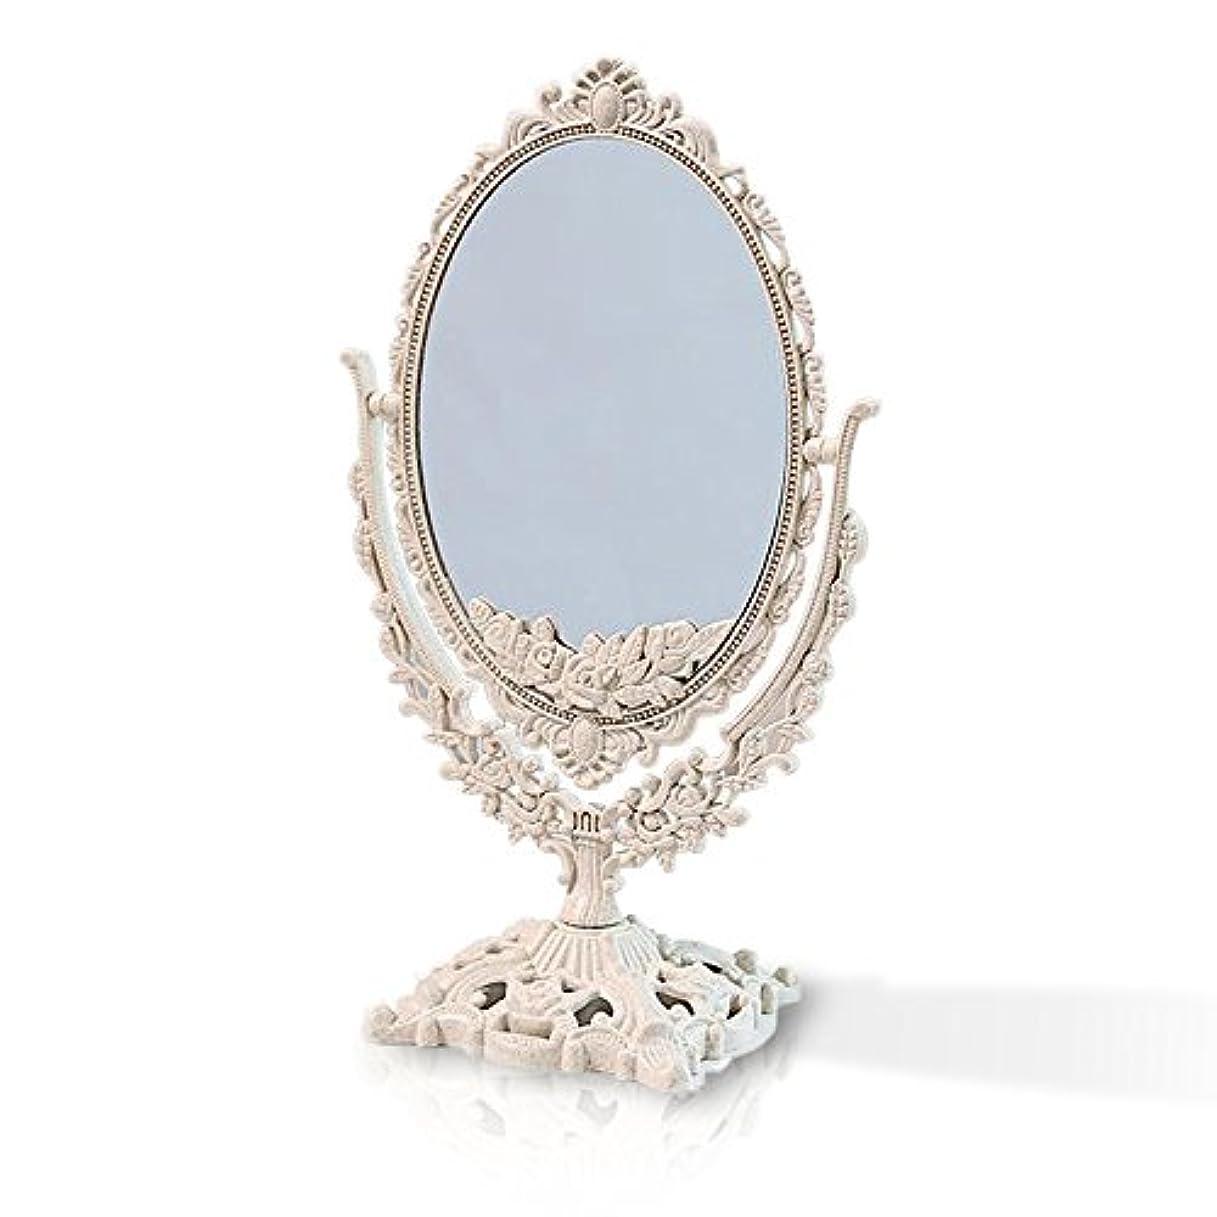 滝電話旧正月桜の雪 【3倍拡大鏡付き】 両面化粧鏡  ヨーロッパ式 (小さい型)